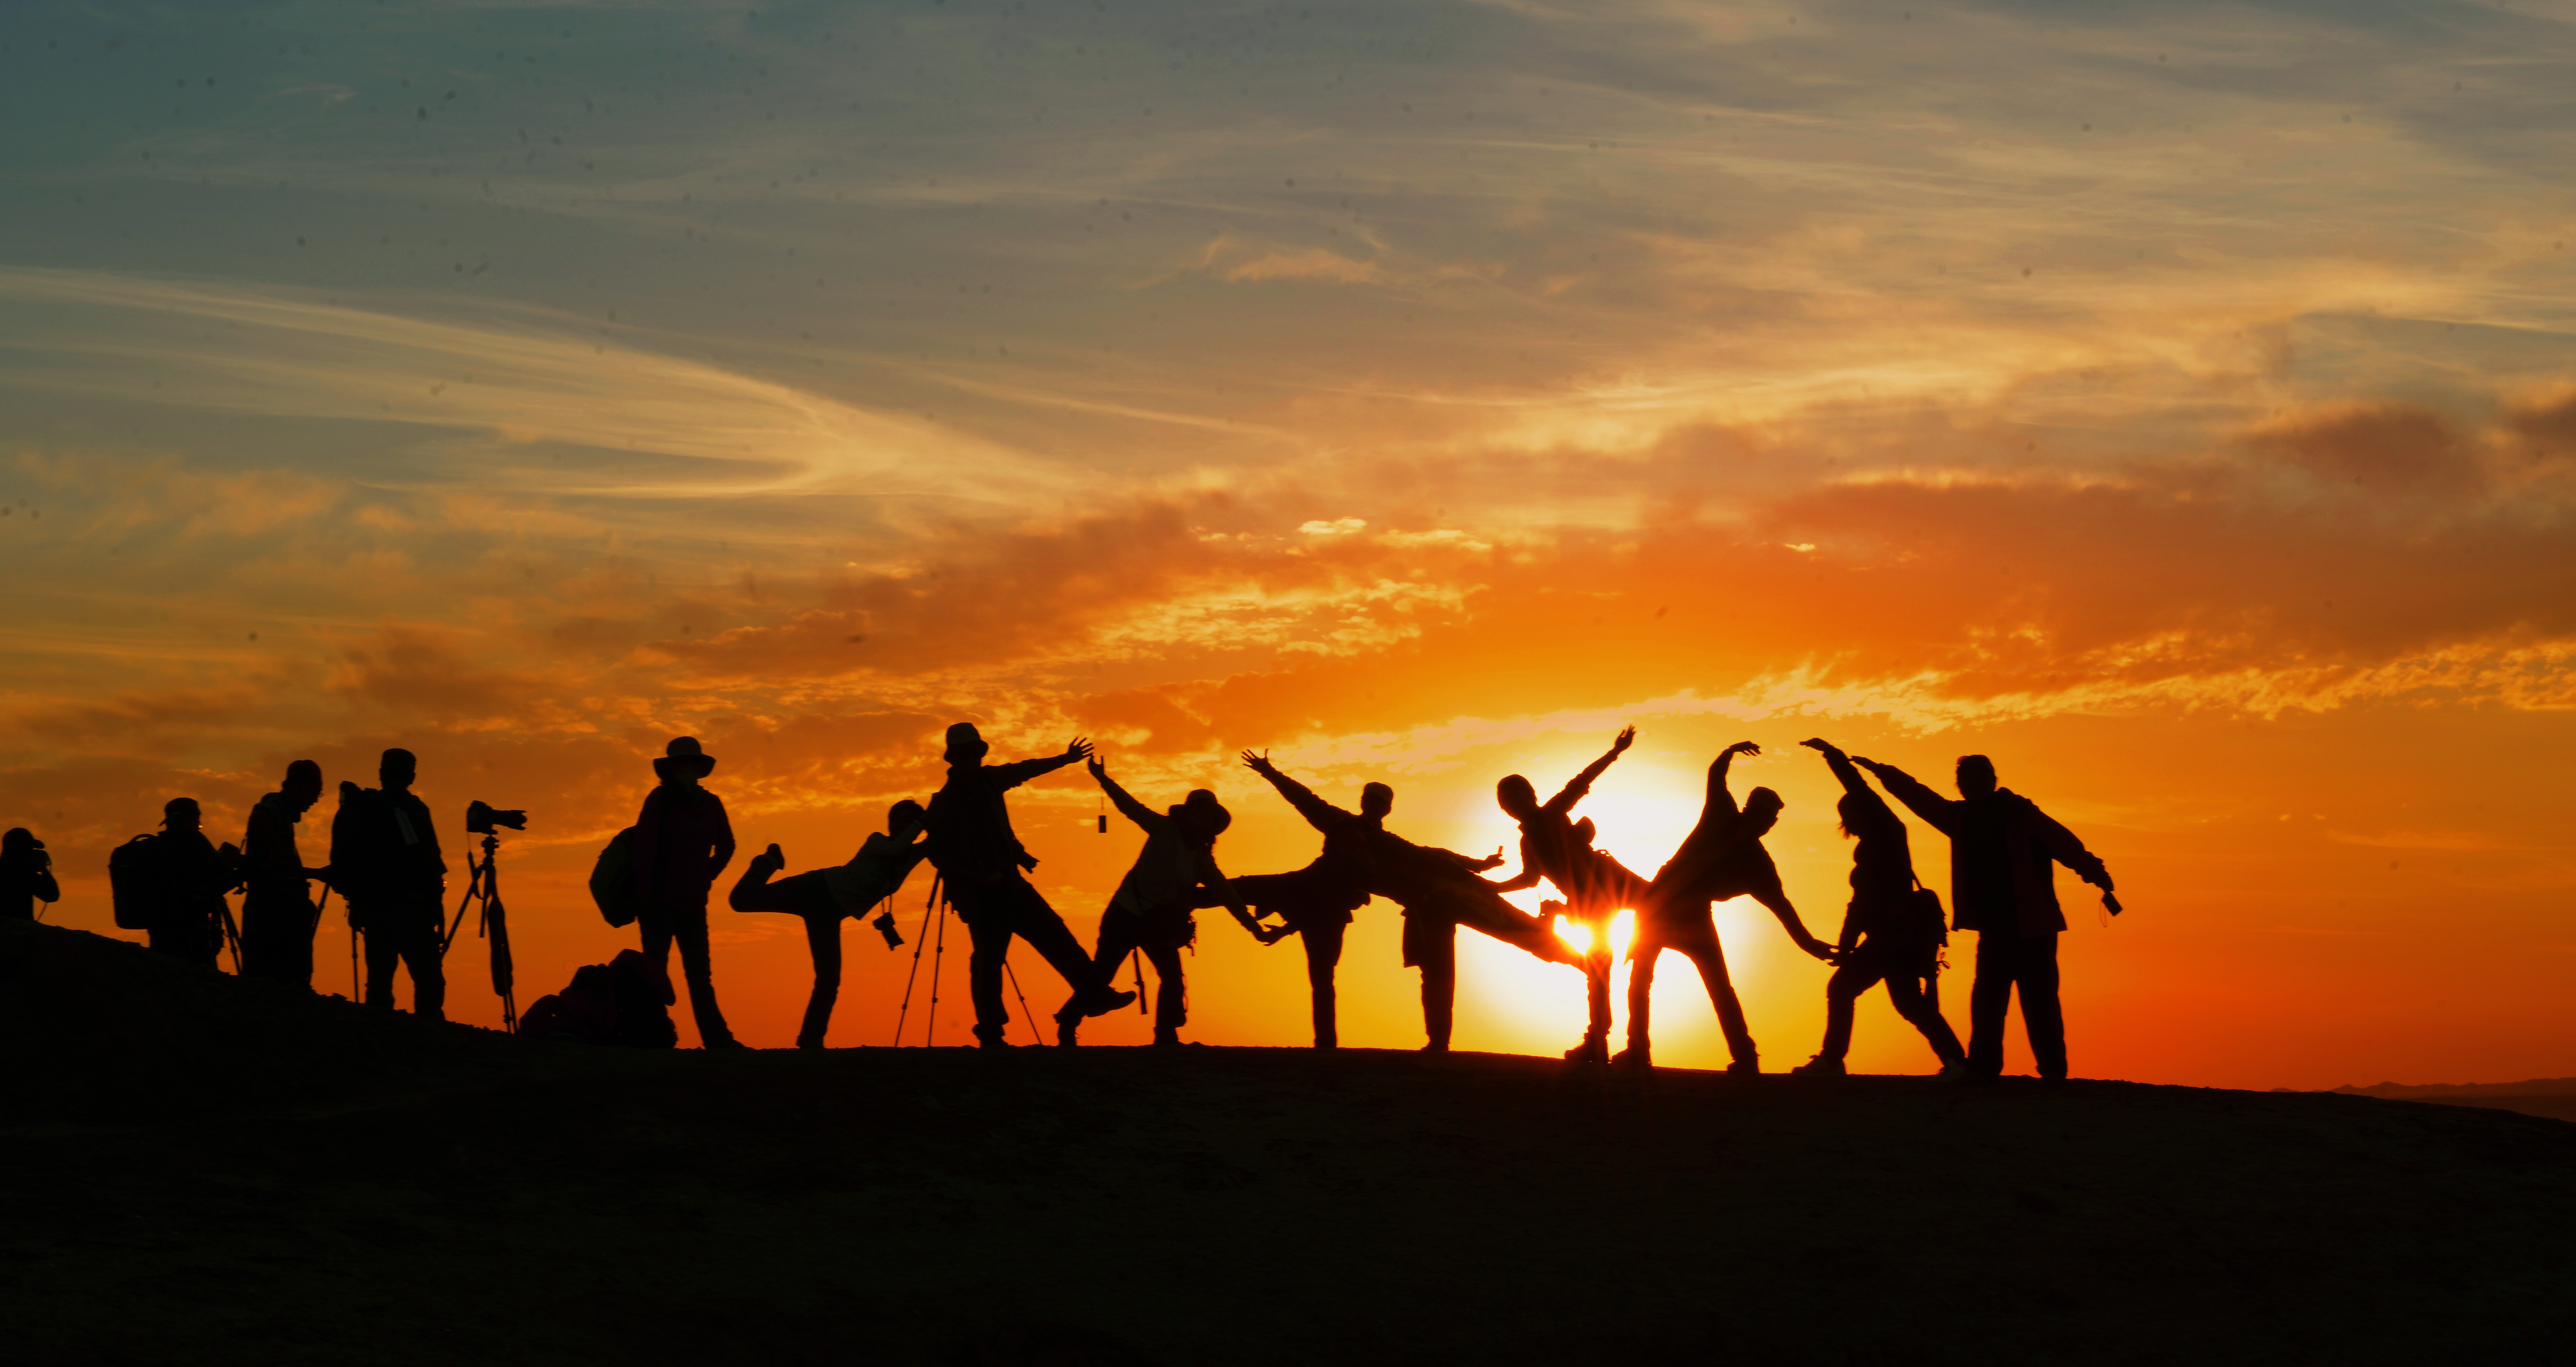 Mennesker poserer i silhuet mod solnedgangen.